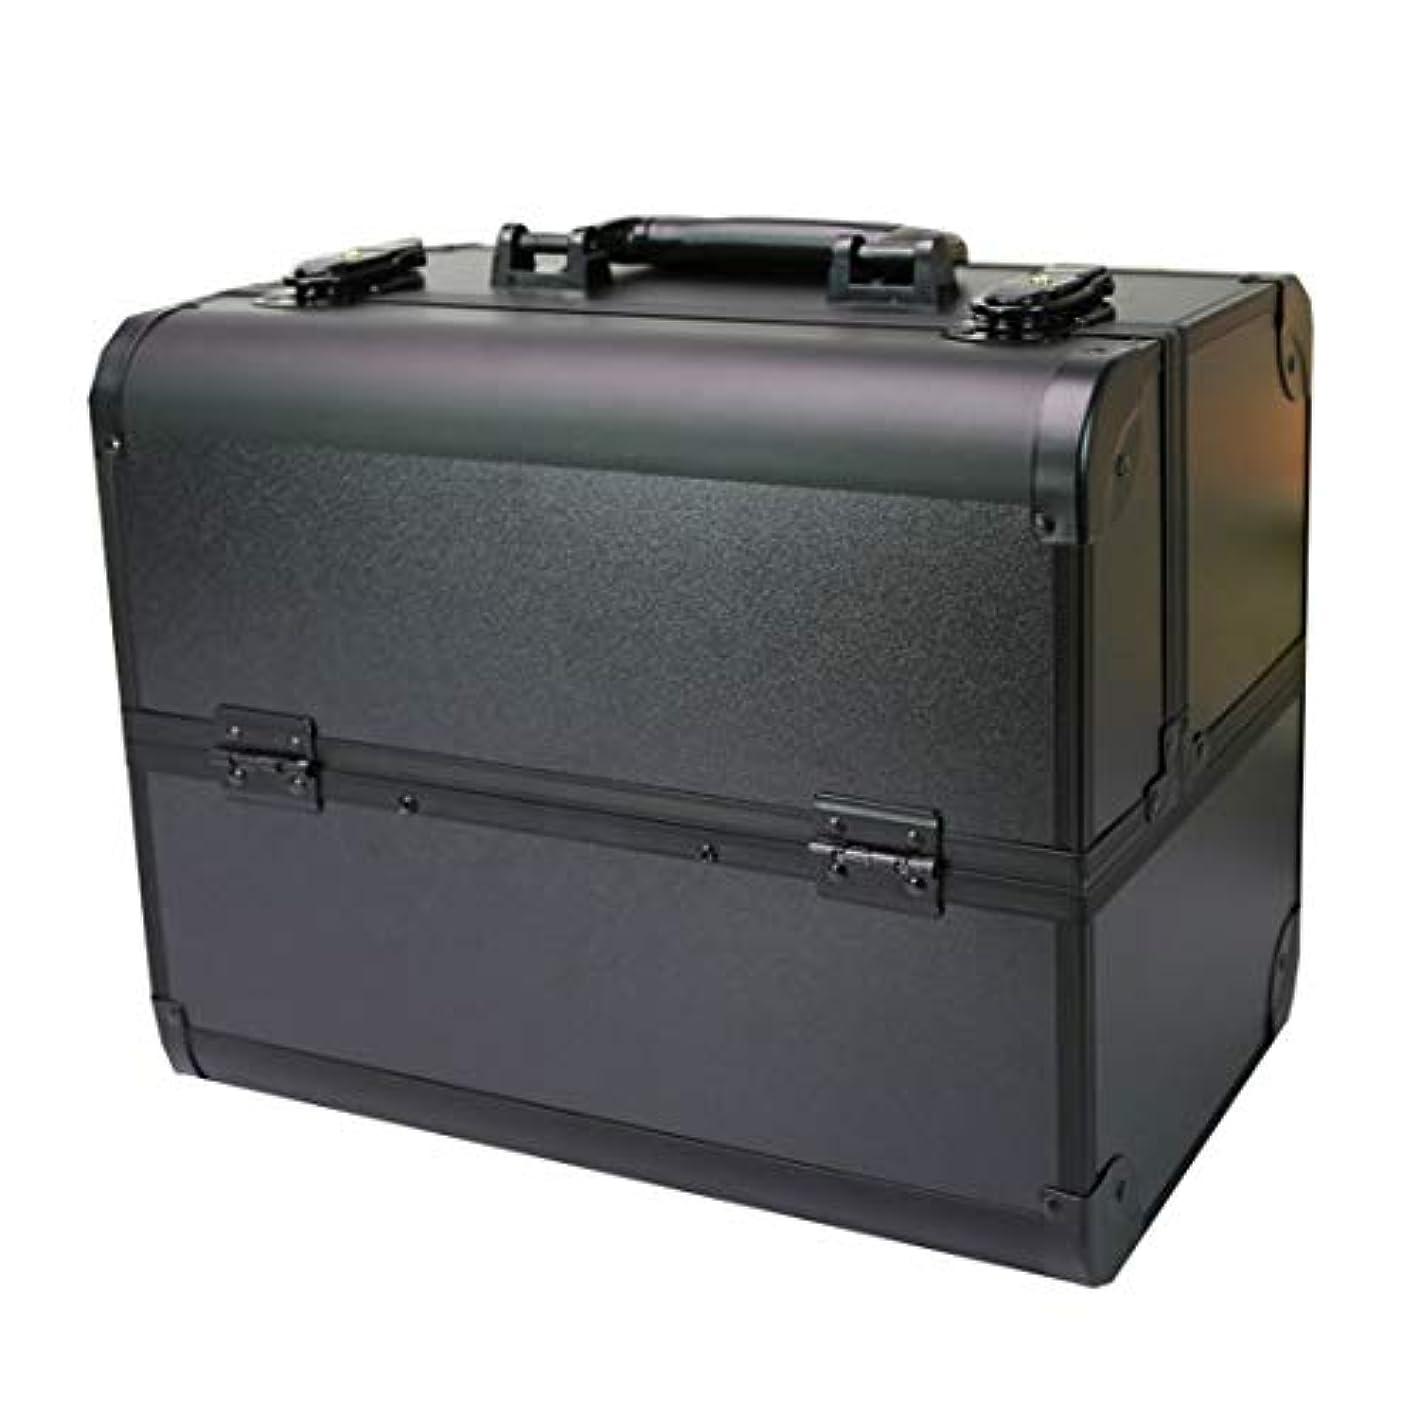 コスメボックス 大容量 プロ用 鍵 2段 四つのトレイ アルミ 化粧品収納ボックス 化粧入れ 32*21*26.5cm メイクボックス 卓上収納 旅行 メイク収納 収納力抜群 小物収納 アクセサリー ブラシスタンド ツールボックス...